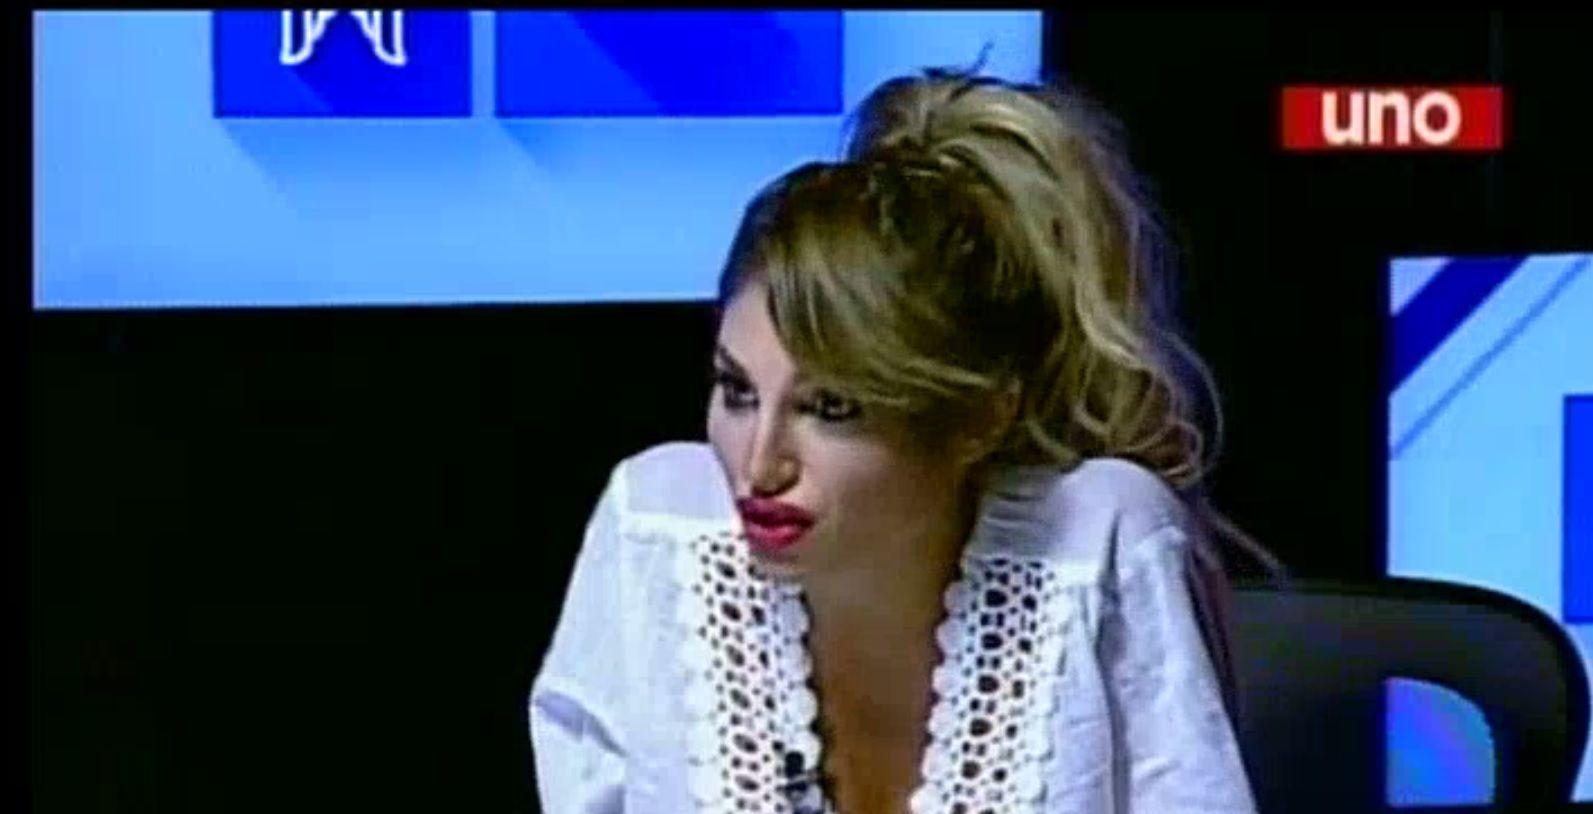 Vicky xipolitakis no har temporada de teatro y dej for Ratingcero noticias del espectaculo